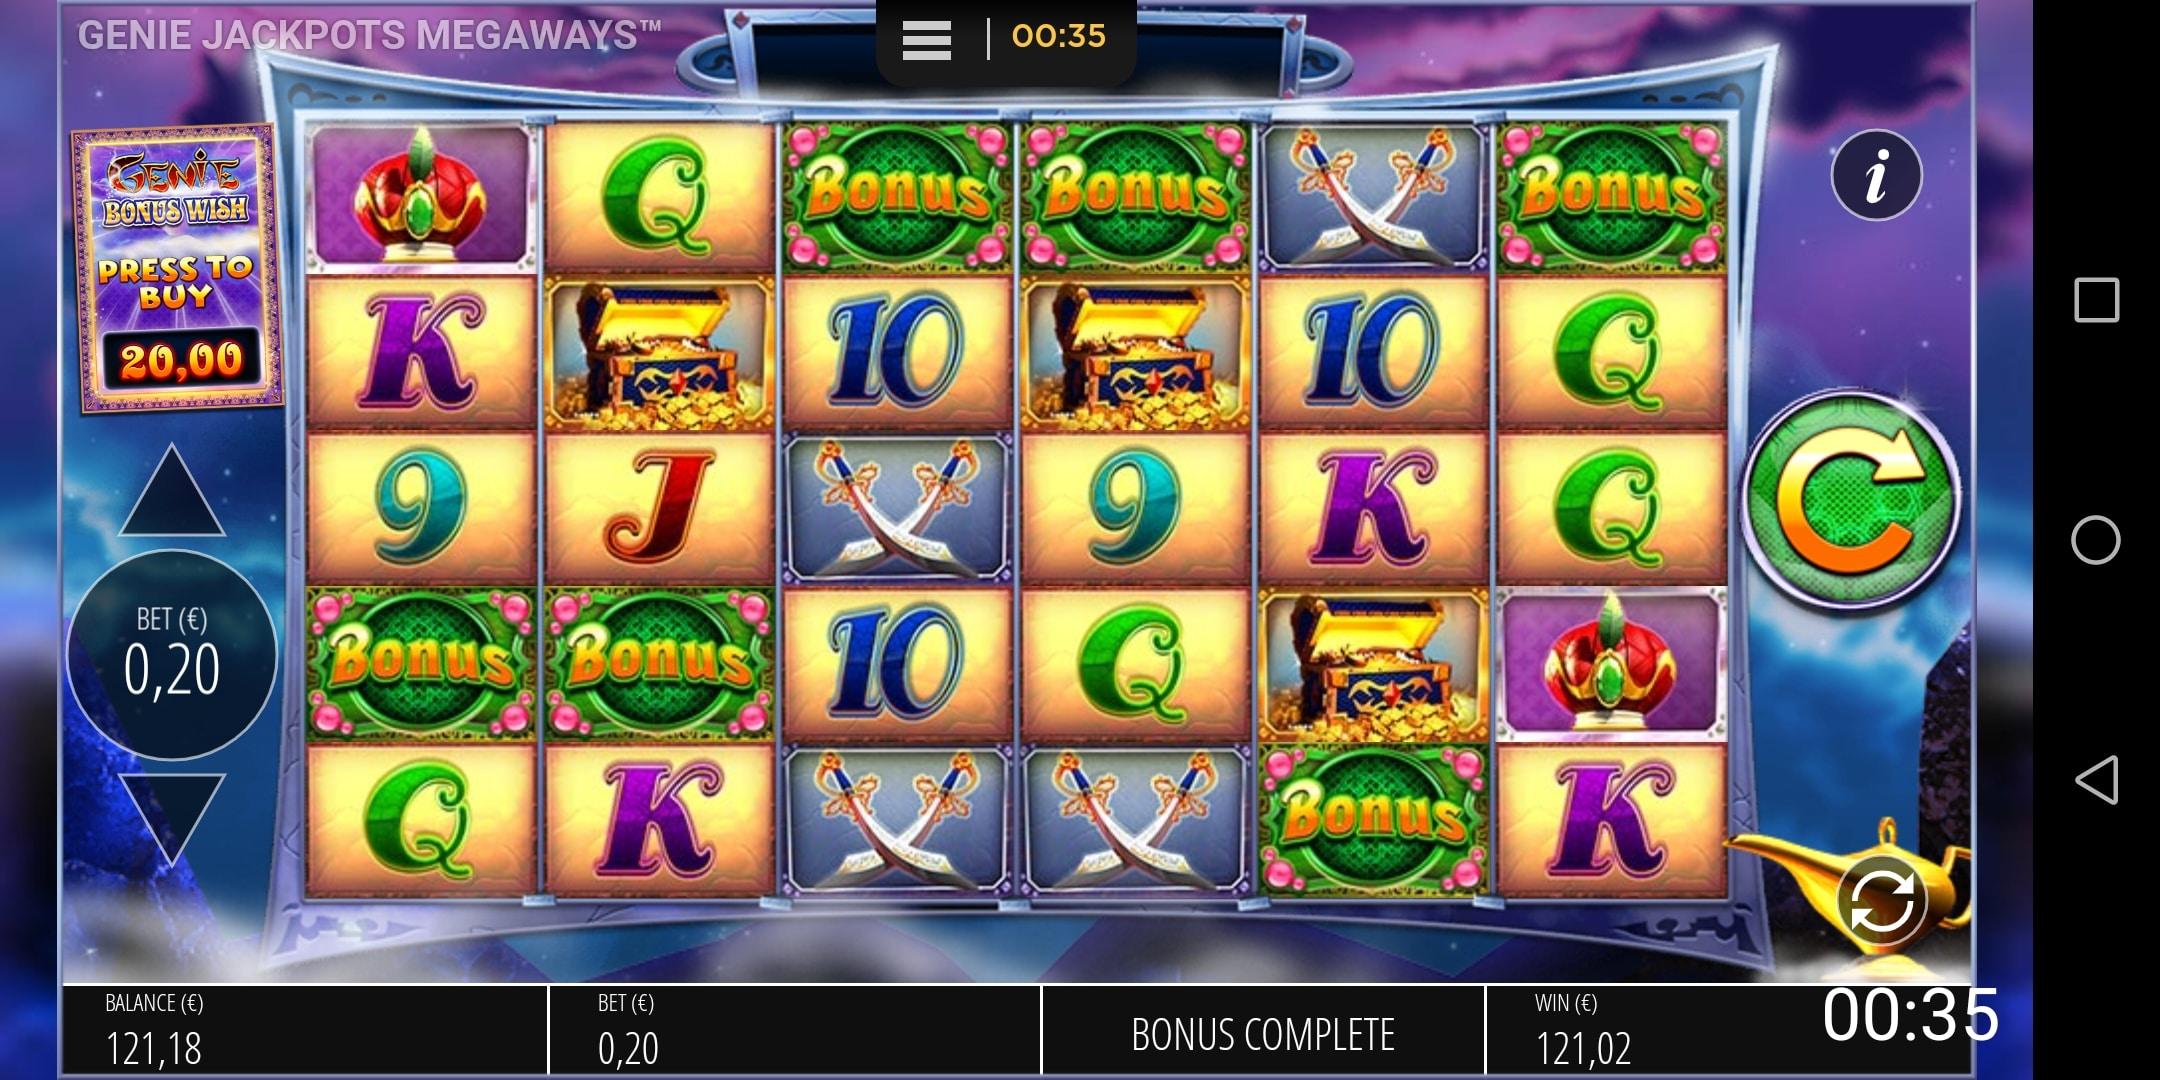 Genie Jackpots Megaways Big win Picture